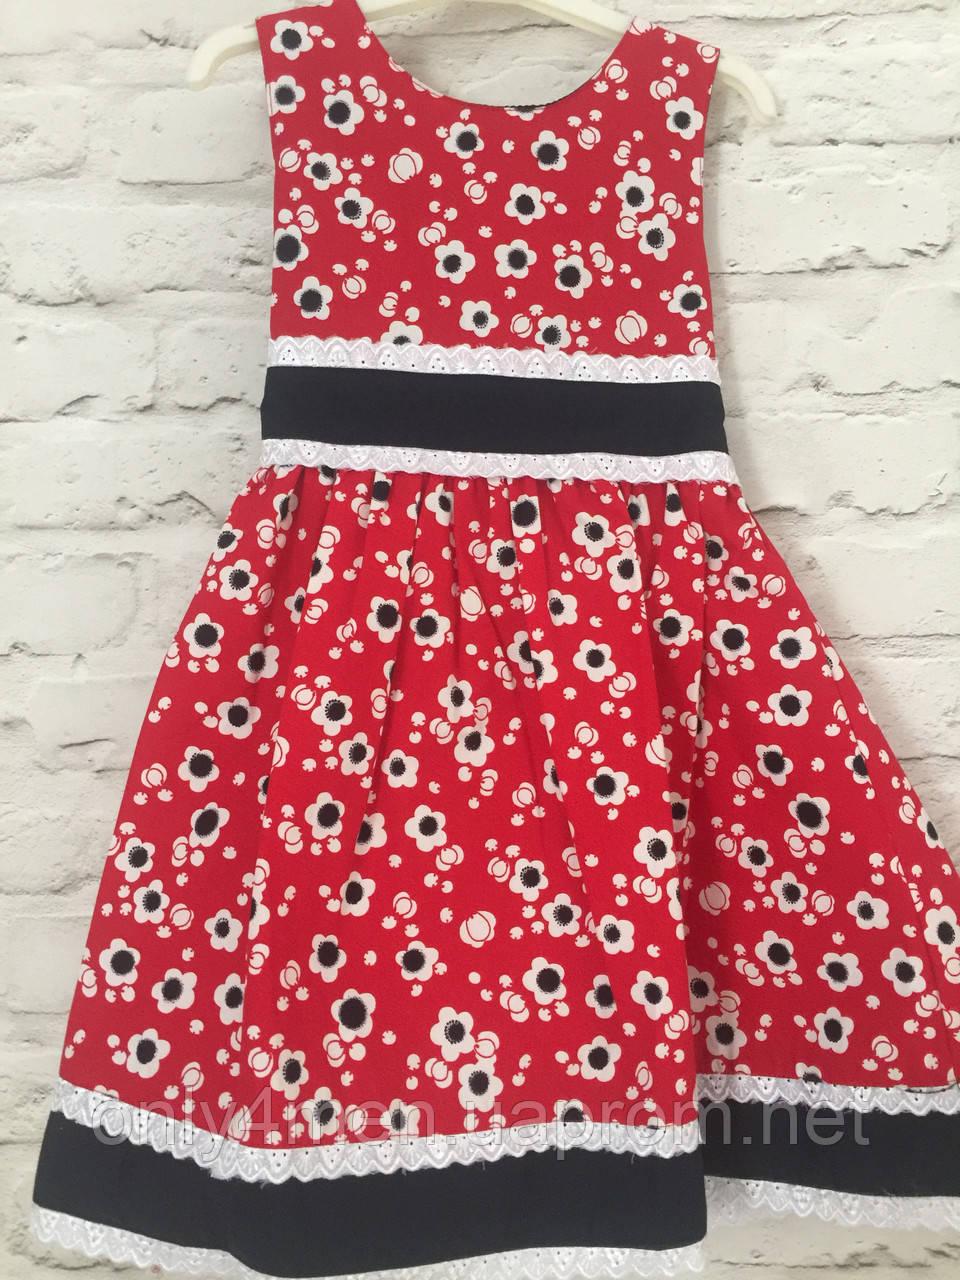 6ce7d9dfd25091 Платья для девочек цветное , одежда для девочек 4-9 лет - Детская одежда  оптом